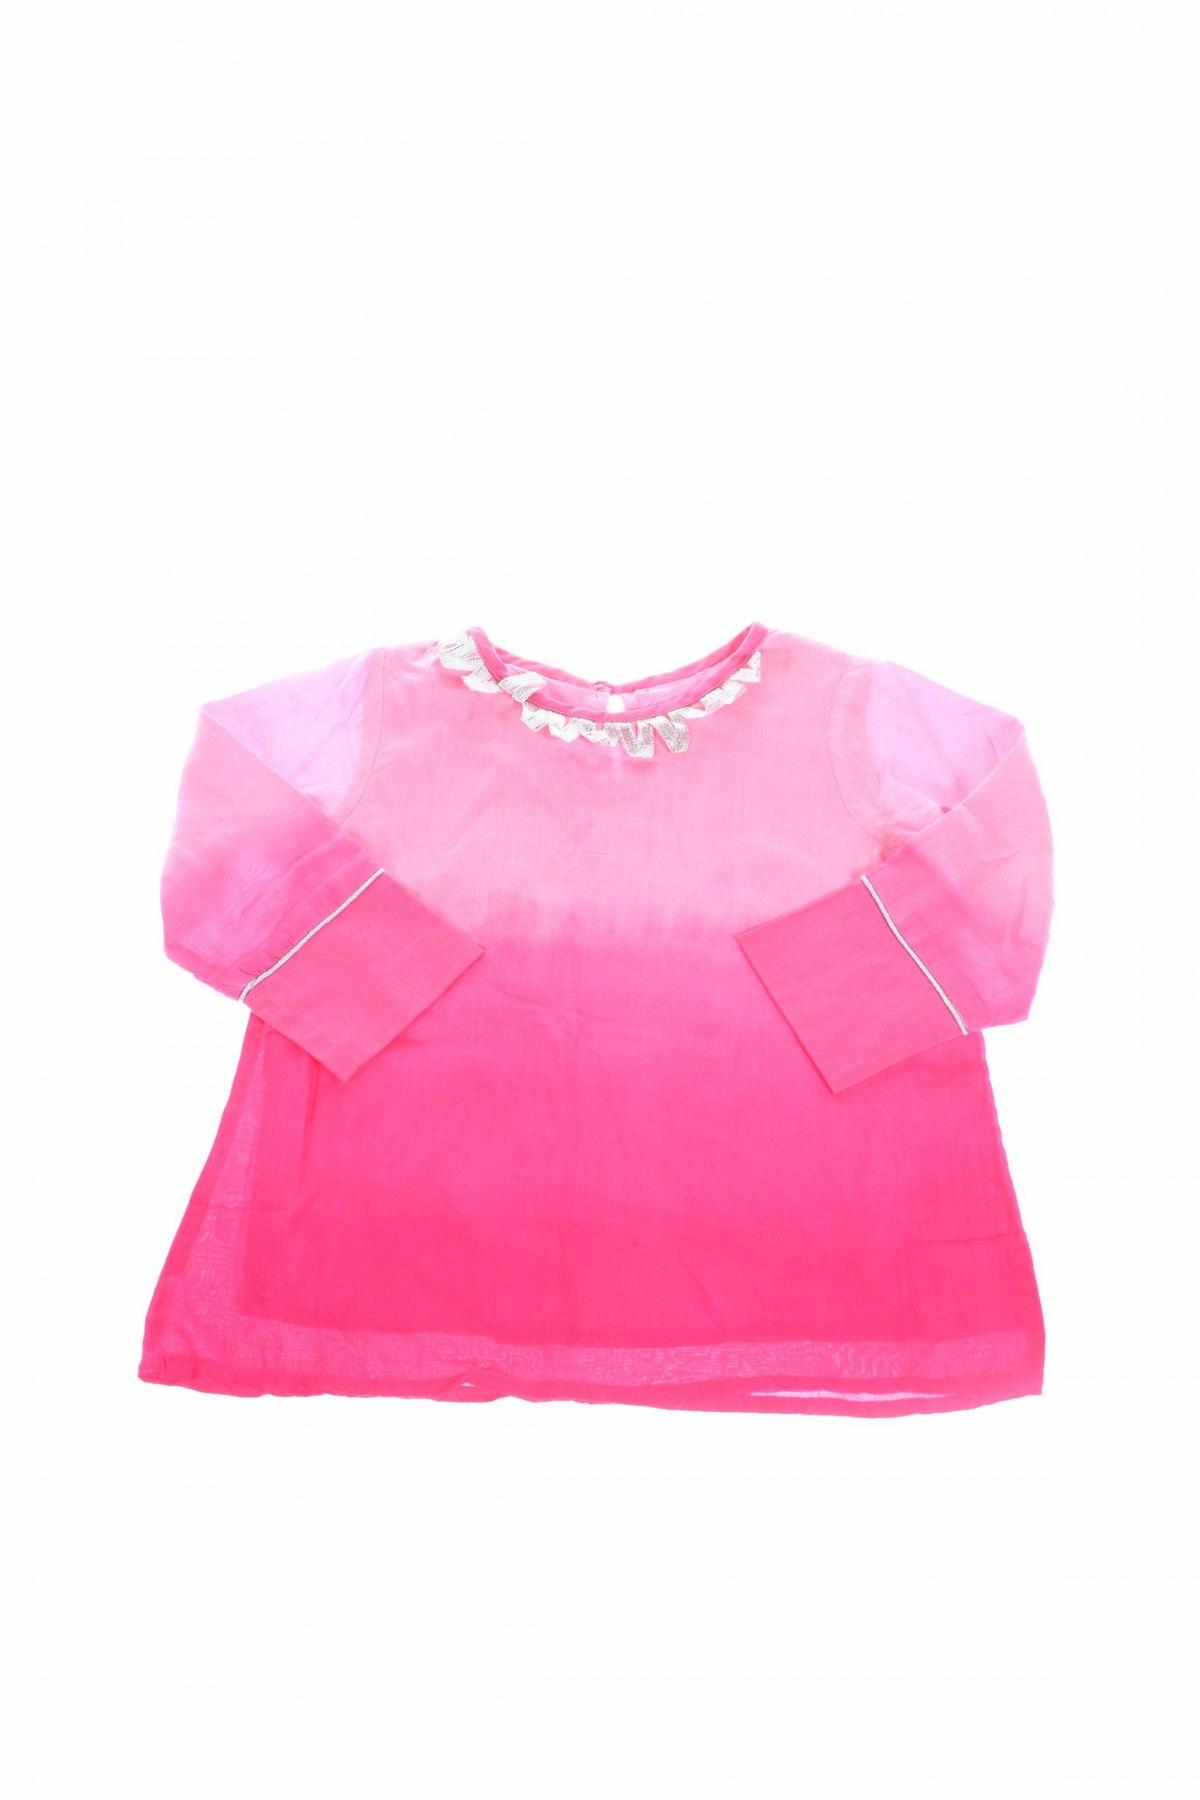 Παιδική μπλούζα Beetlejuice